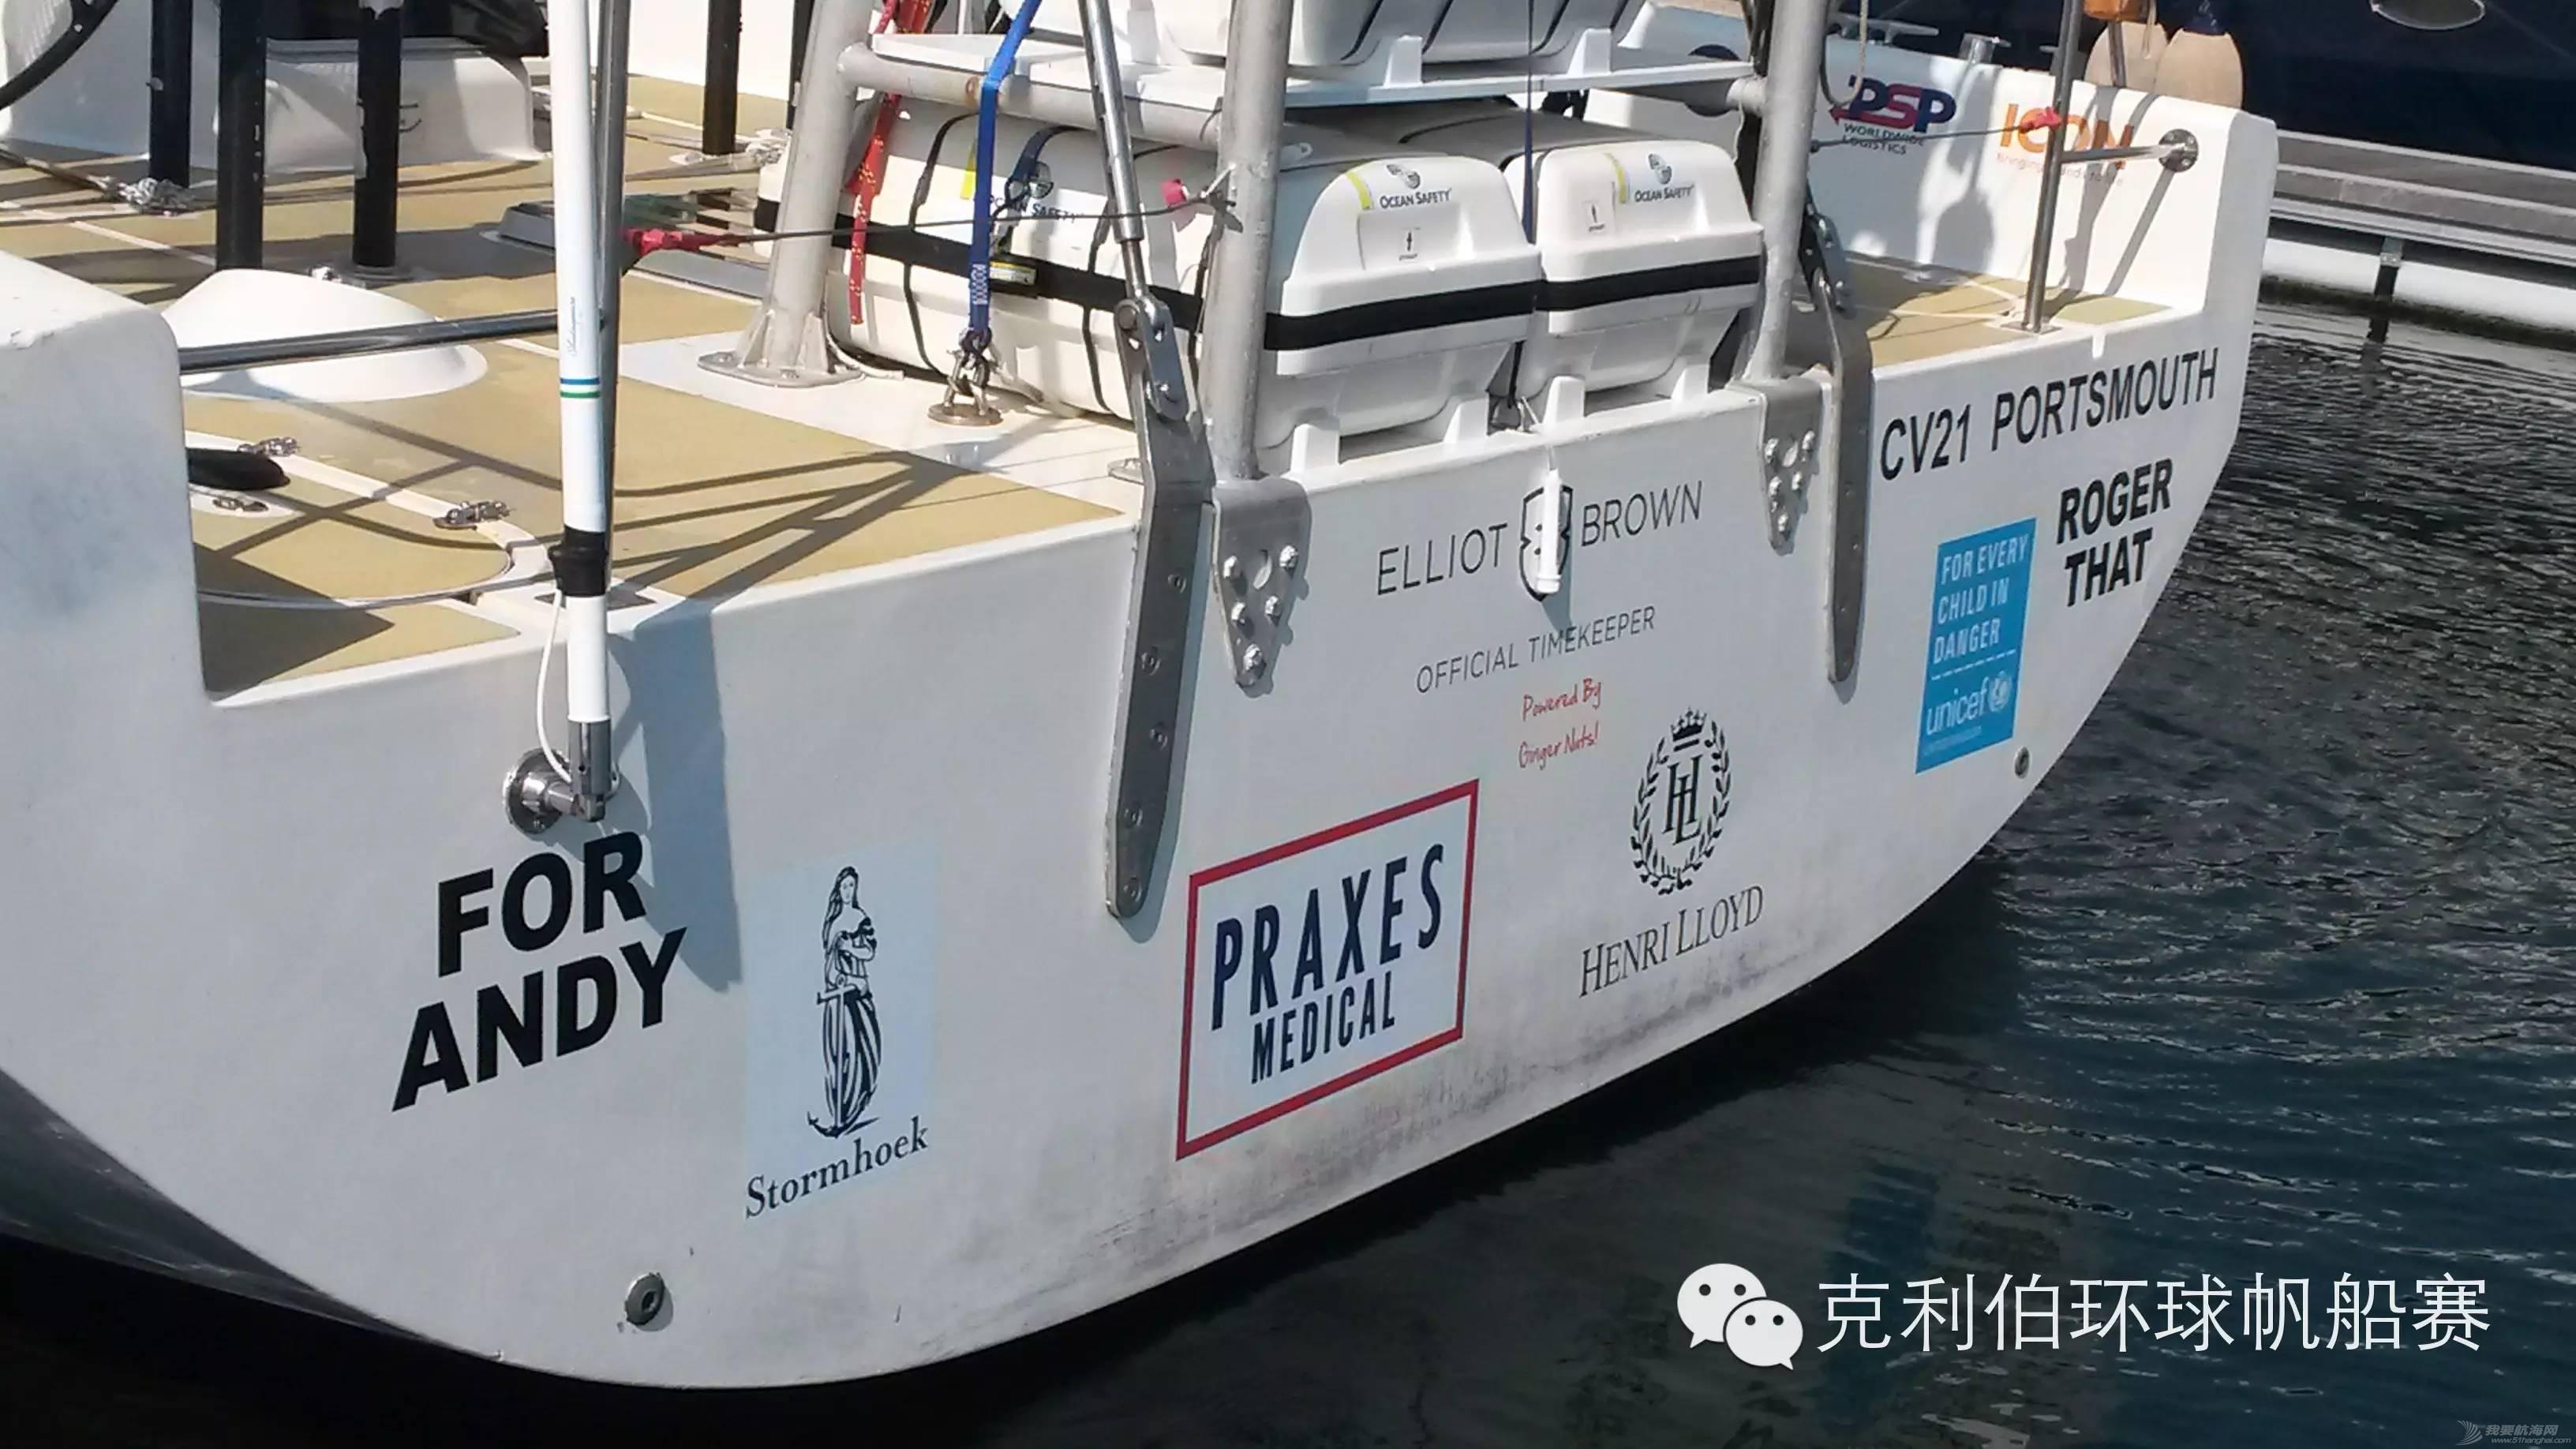 克利伯2015-16赛季环球帆船赛赛队介绍--ICHORCOAL矿业号 848764c50a7cccca960bf0af385ddb8a.jpg